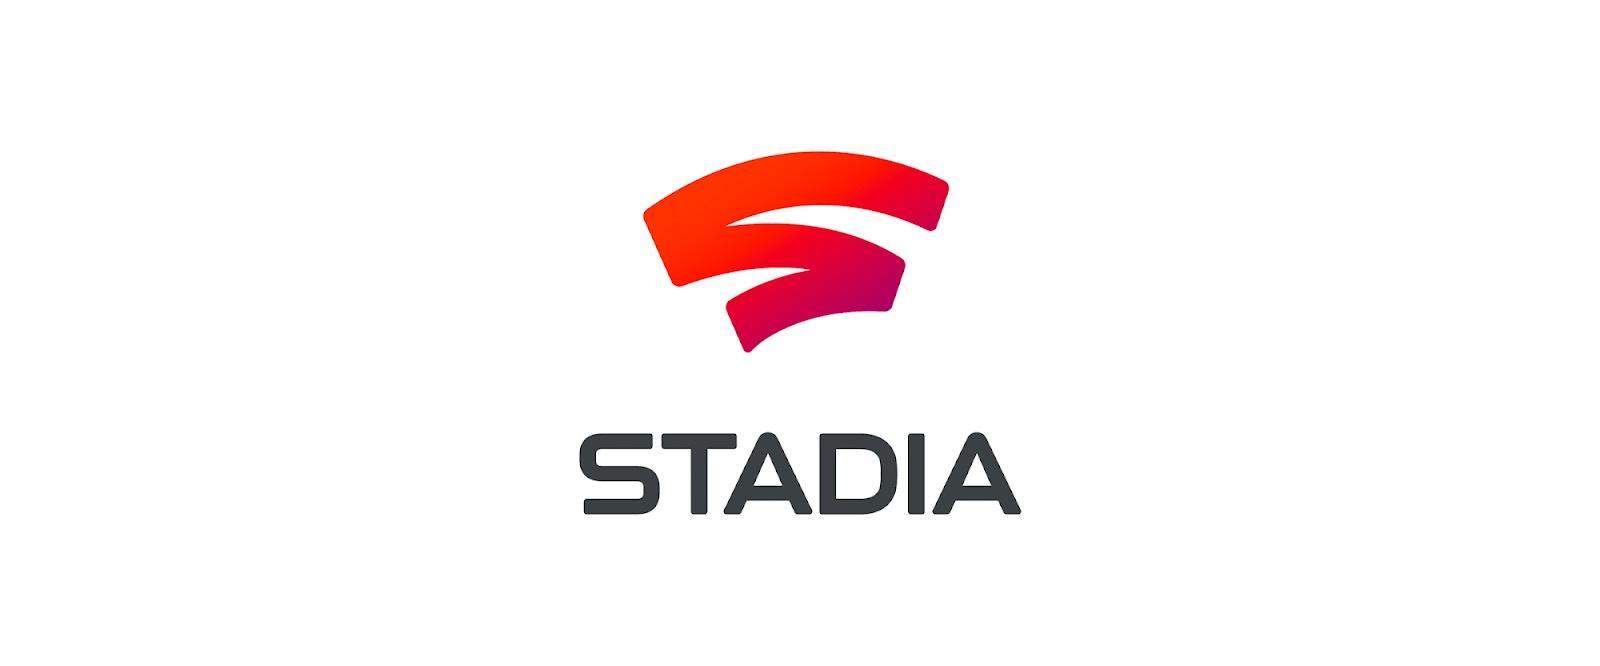 Image result for google stadia png